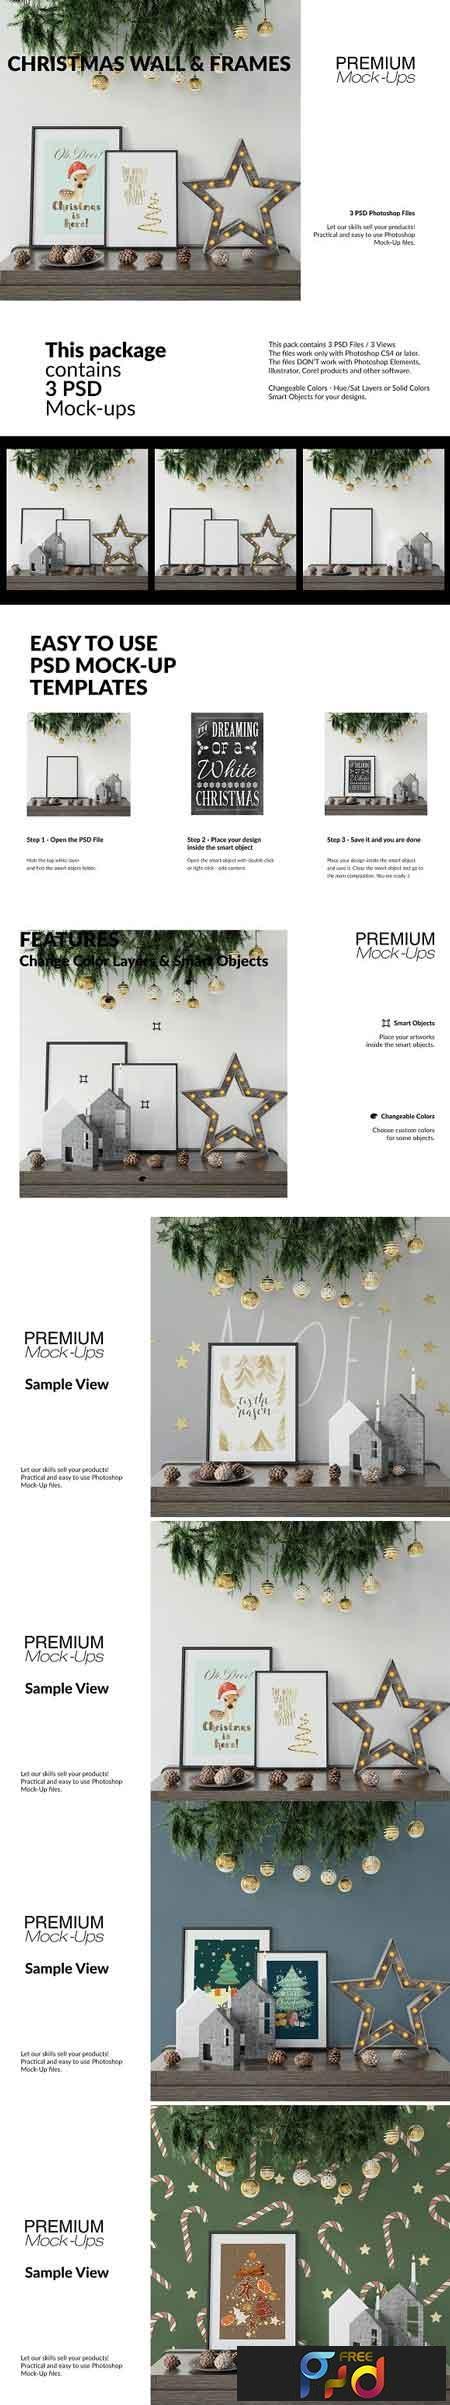 Christmas Frames & Wall Set 3092403 1